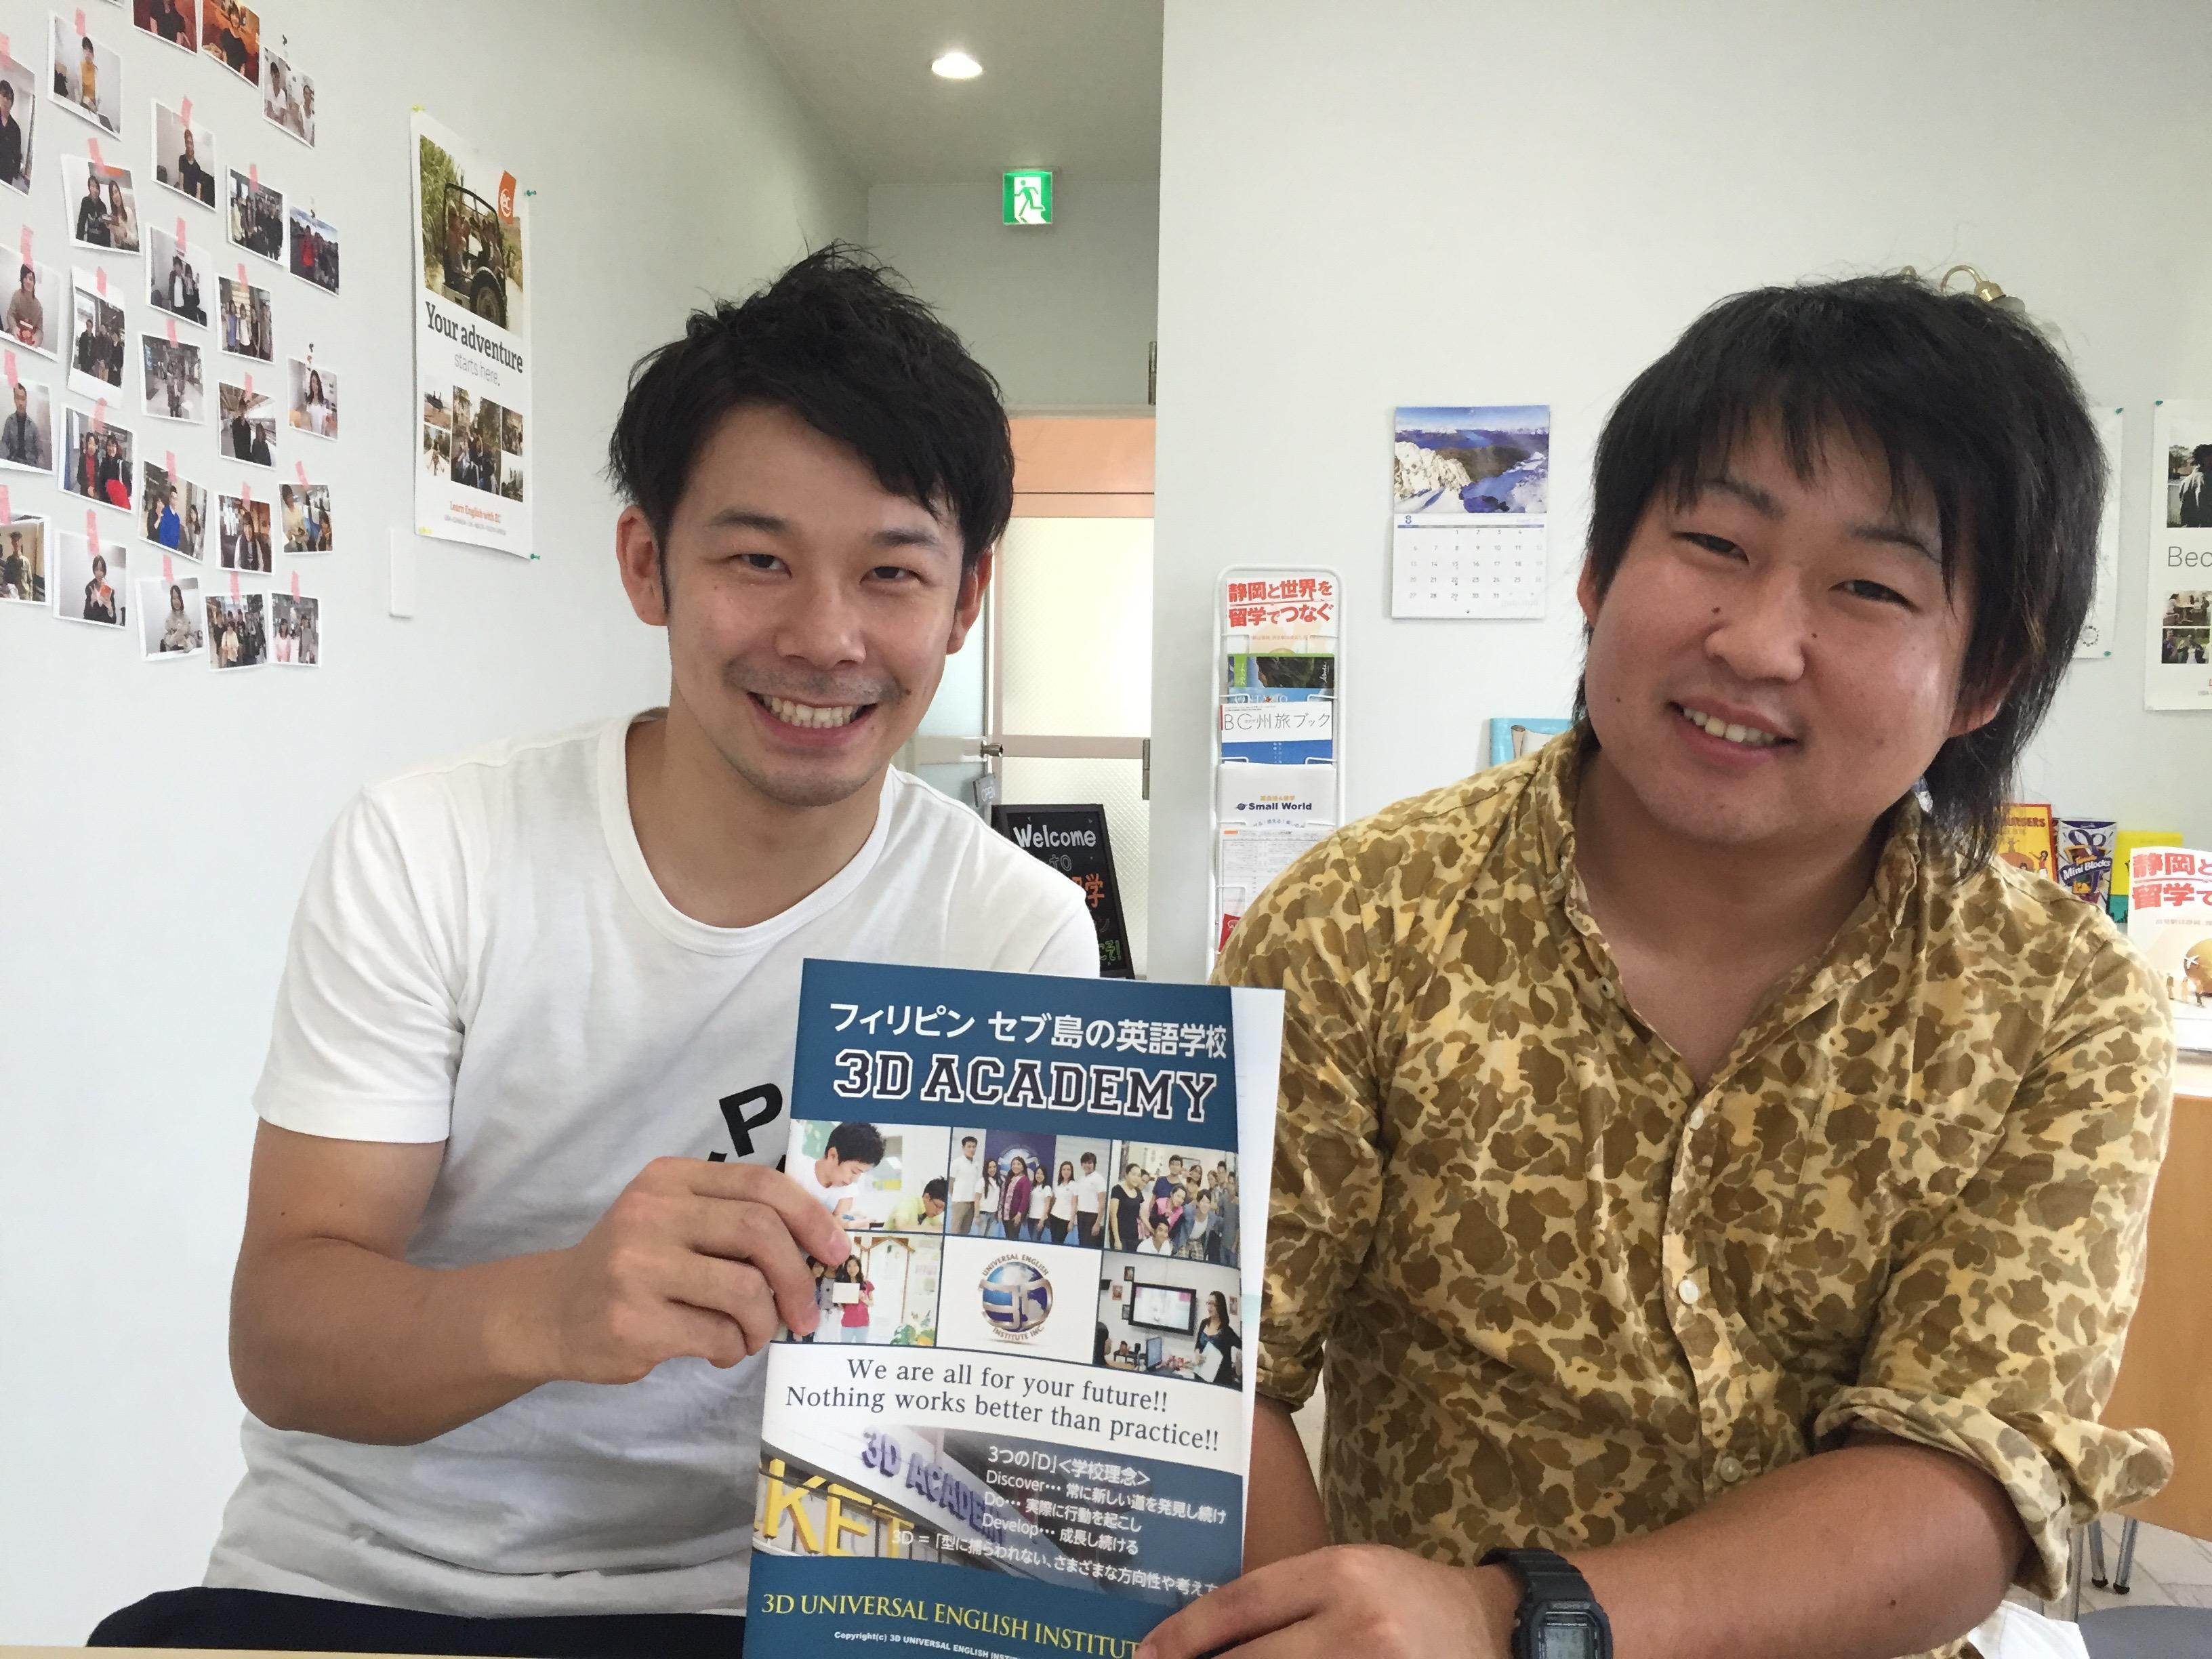 Yuya & Hiroki 2カ国留学へ! フィリピンで悪いことしないように 笑